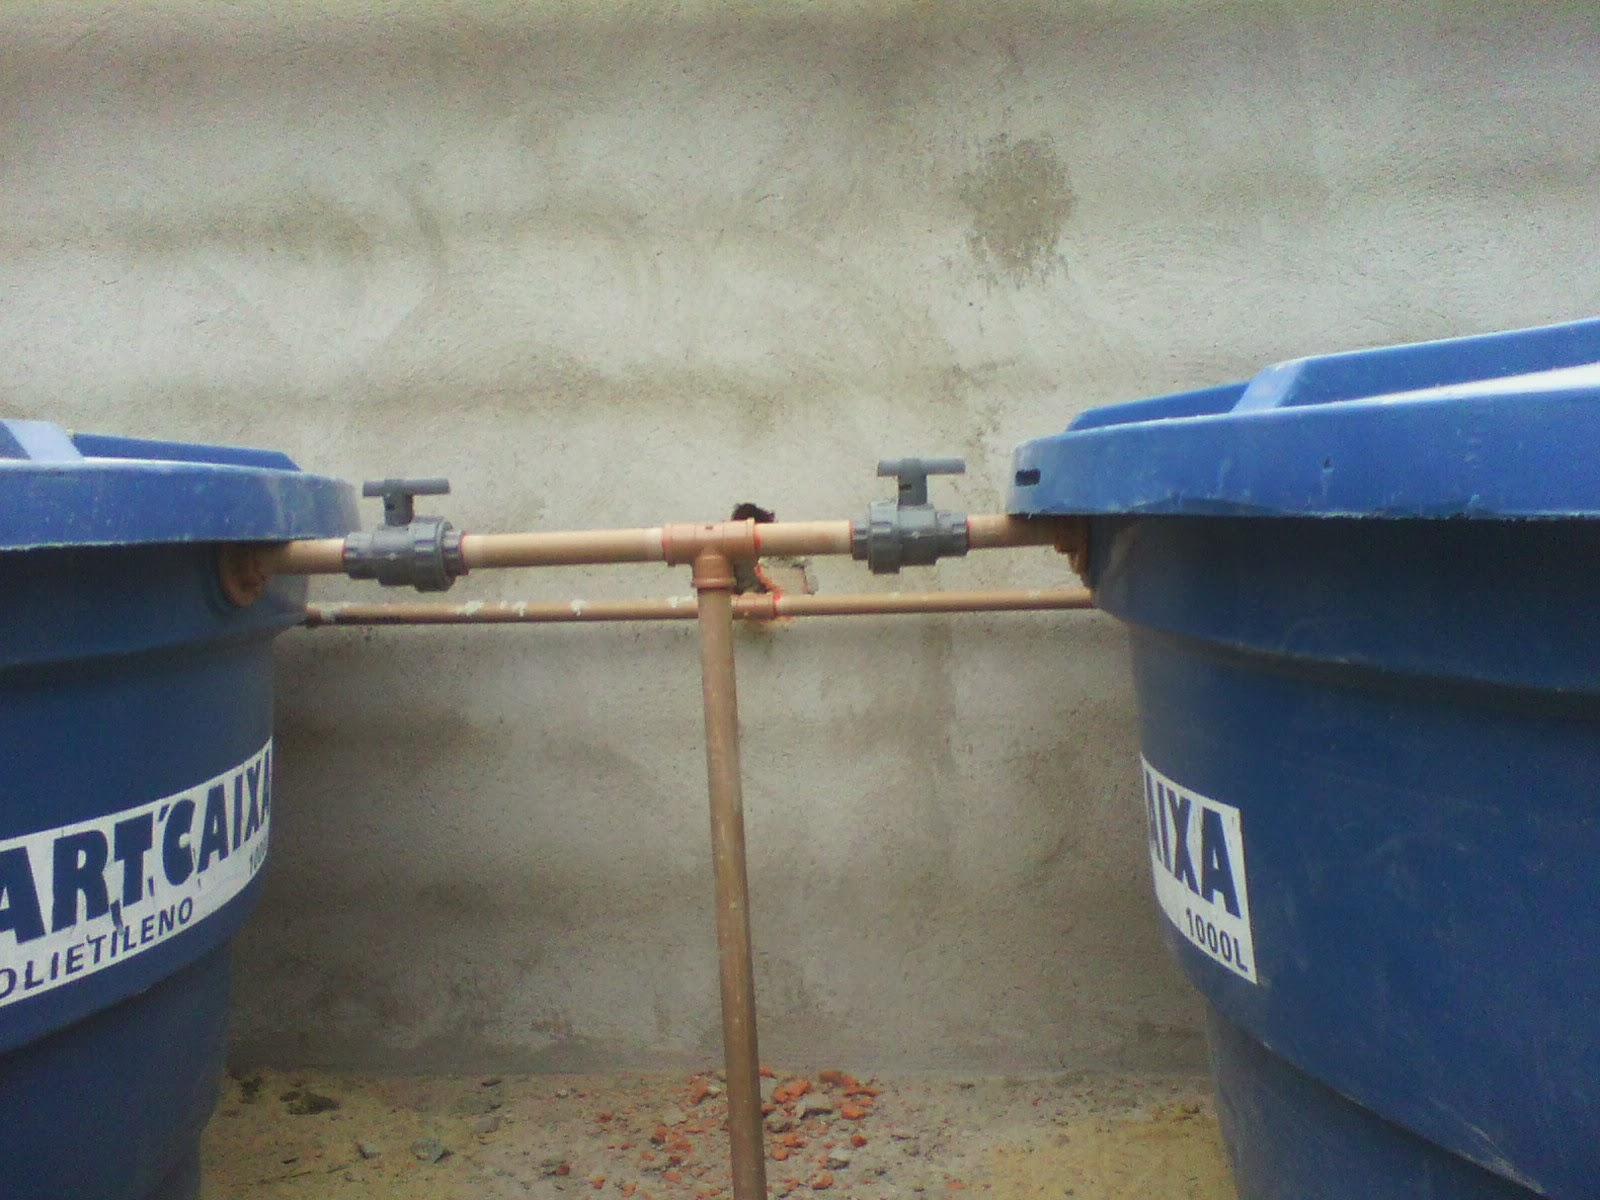 Casa Tony & Ta: Caixa d'agua Instalada e Madeiramento Telhado #3A5C91 1600x1200